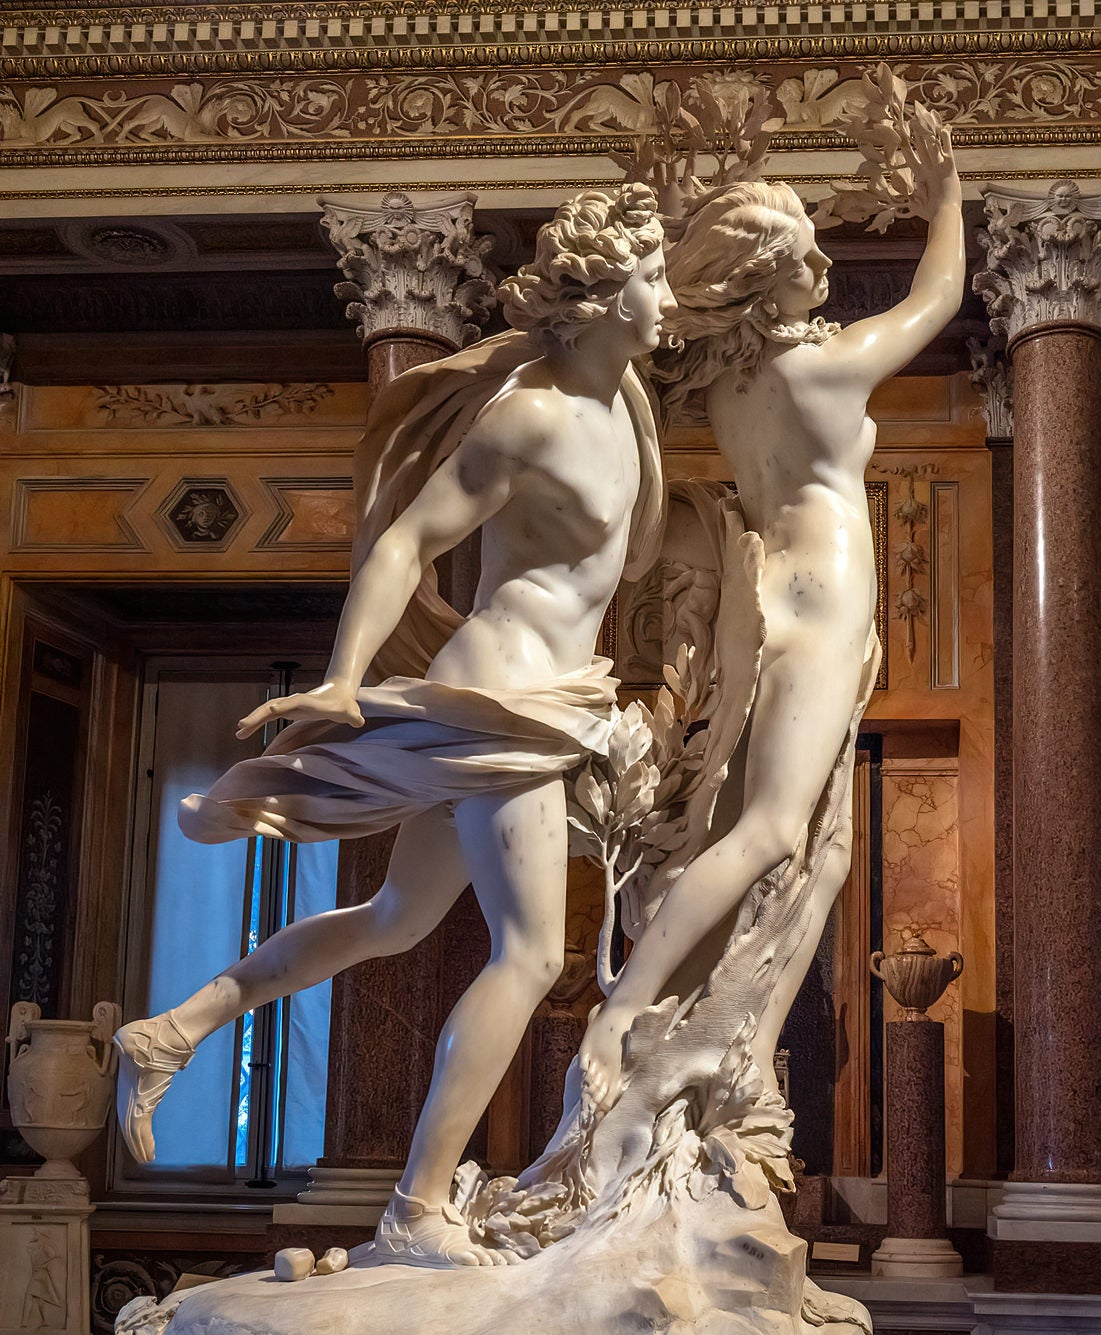 Apollon et Daphné, Le Bernin, 1622-1625